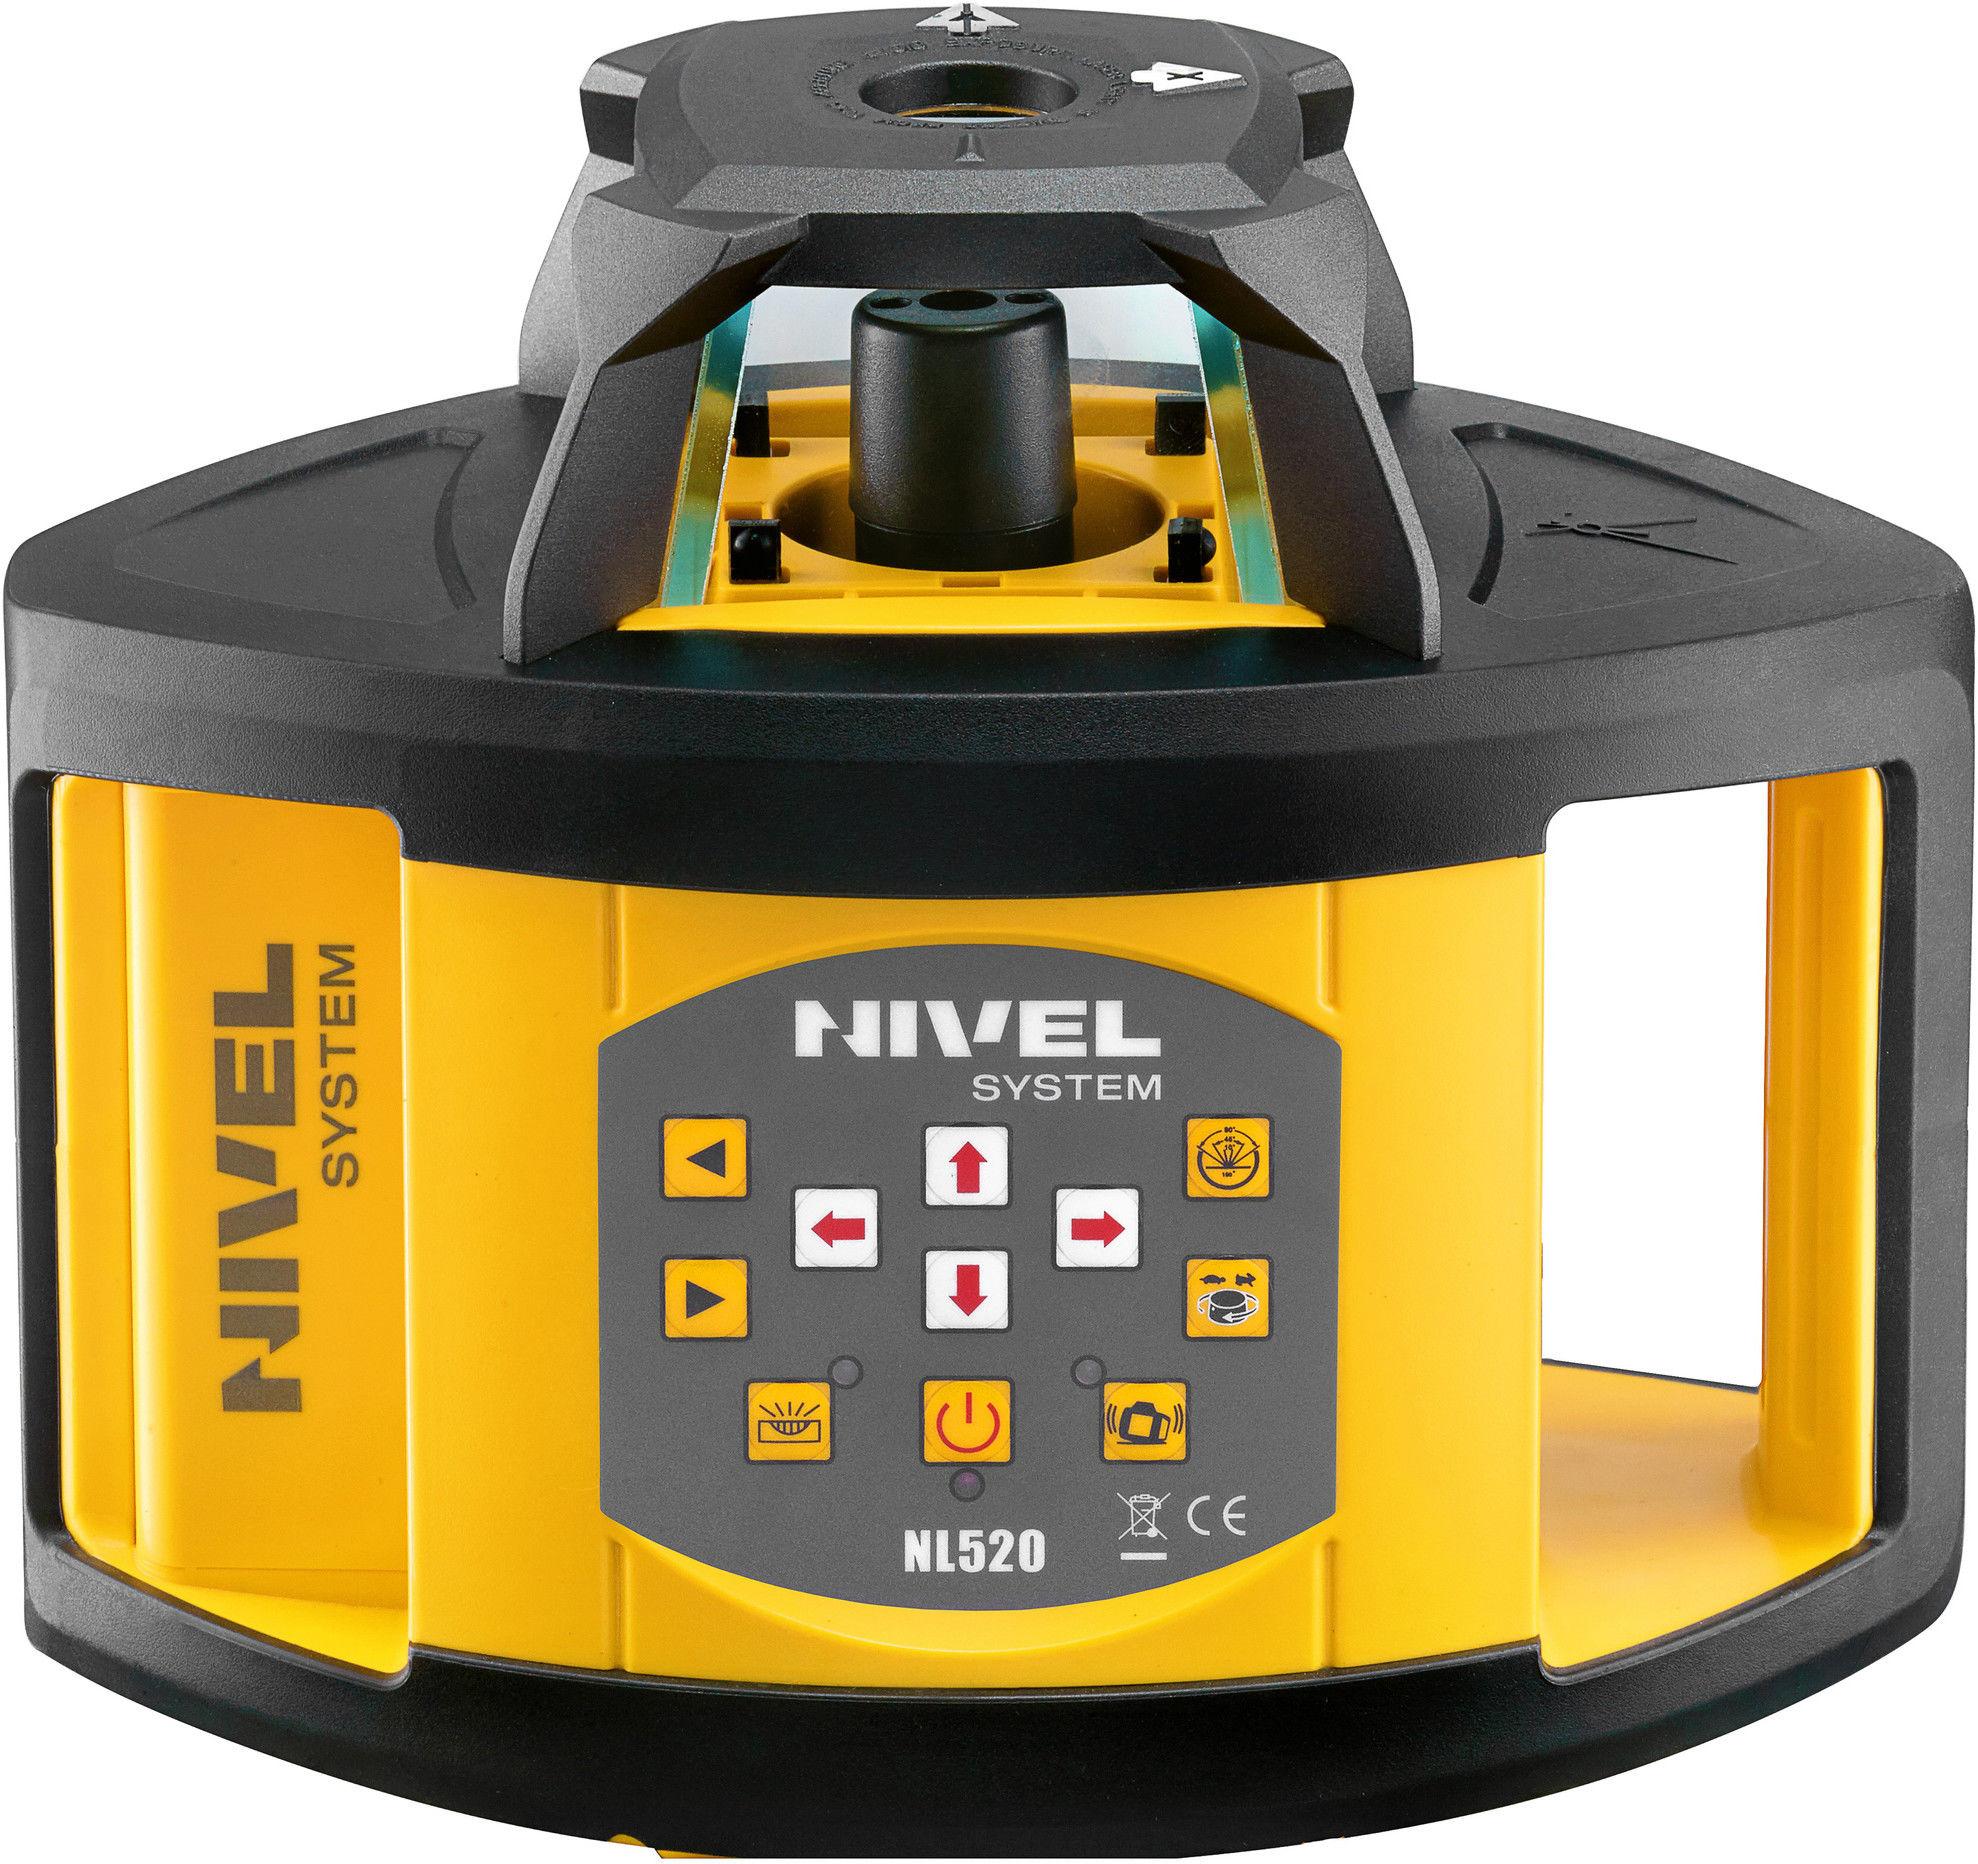 Niwelator laserowy Nivel System NL520 DIGITAL